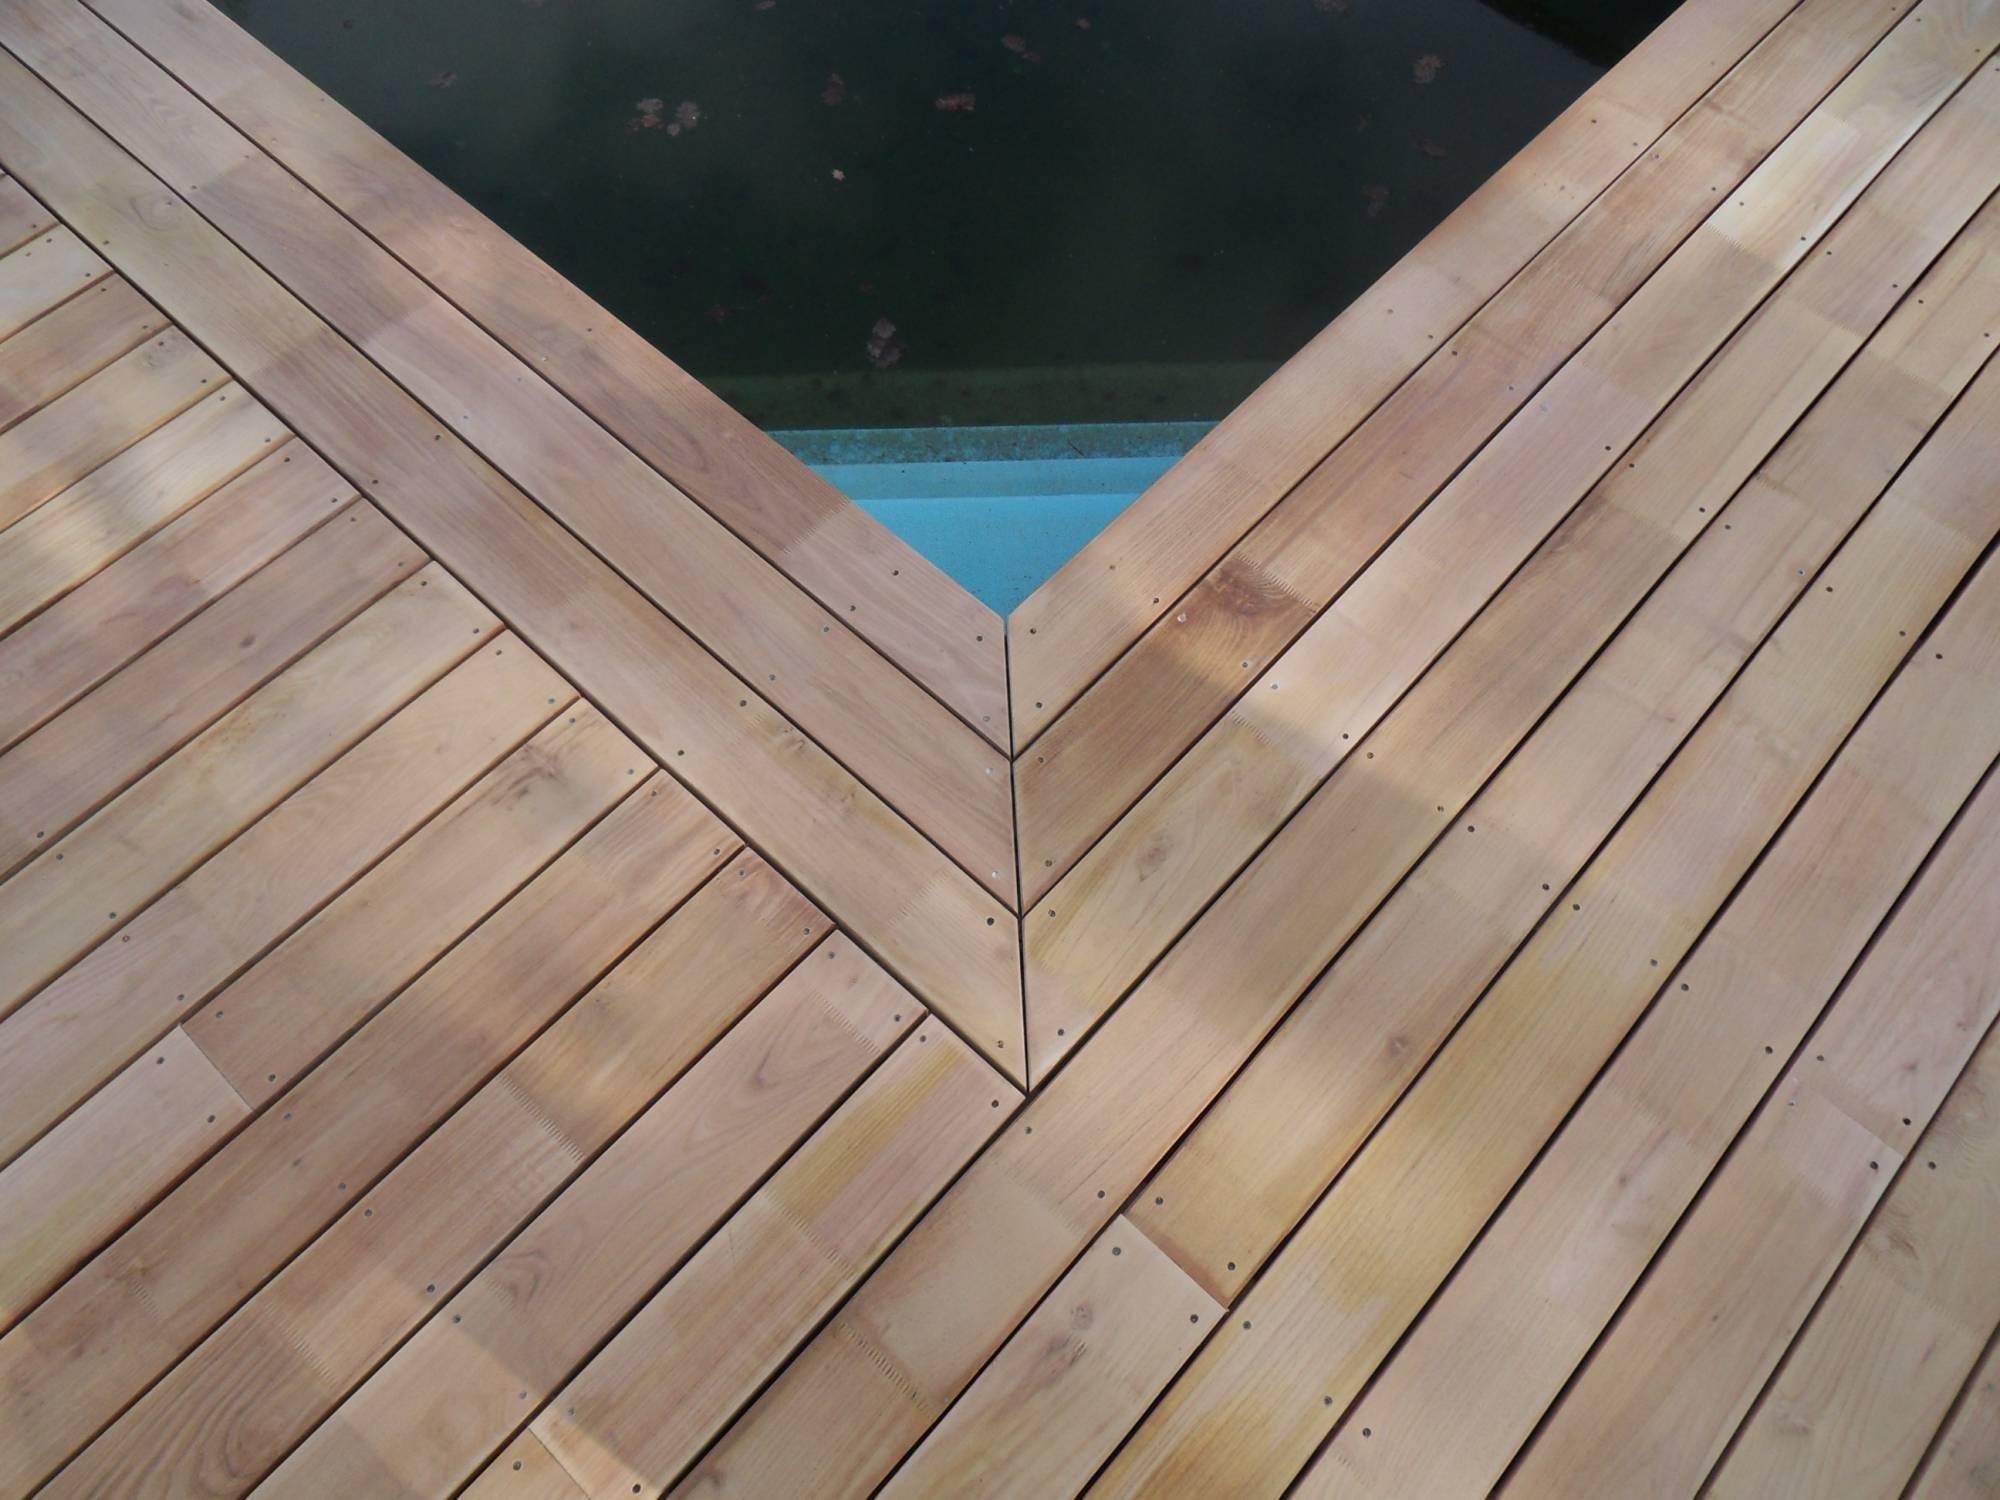 Lames De Terrasse Bois terrasse bois en lames d'acacia robinier - vente et pose de